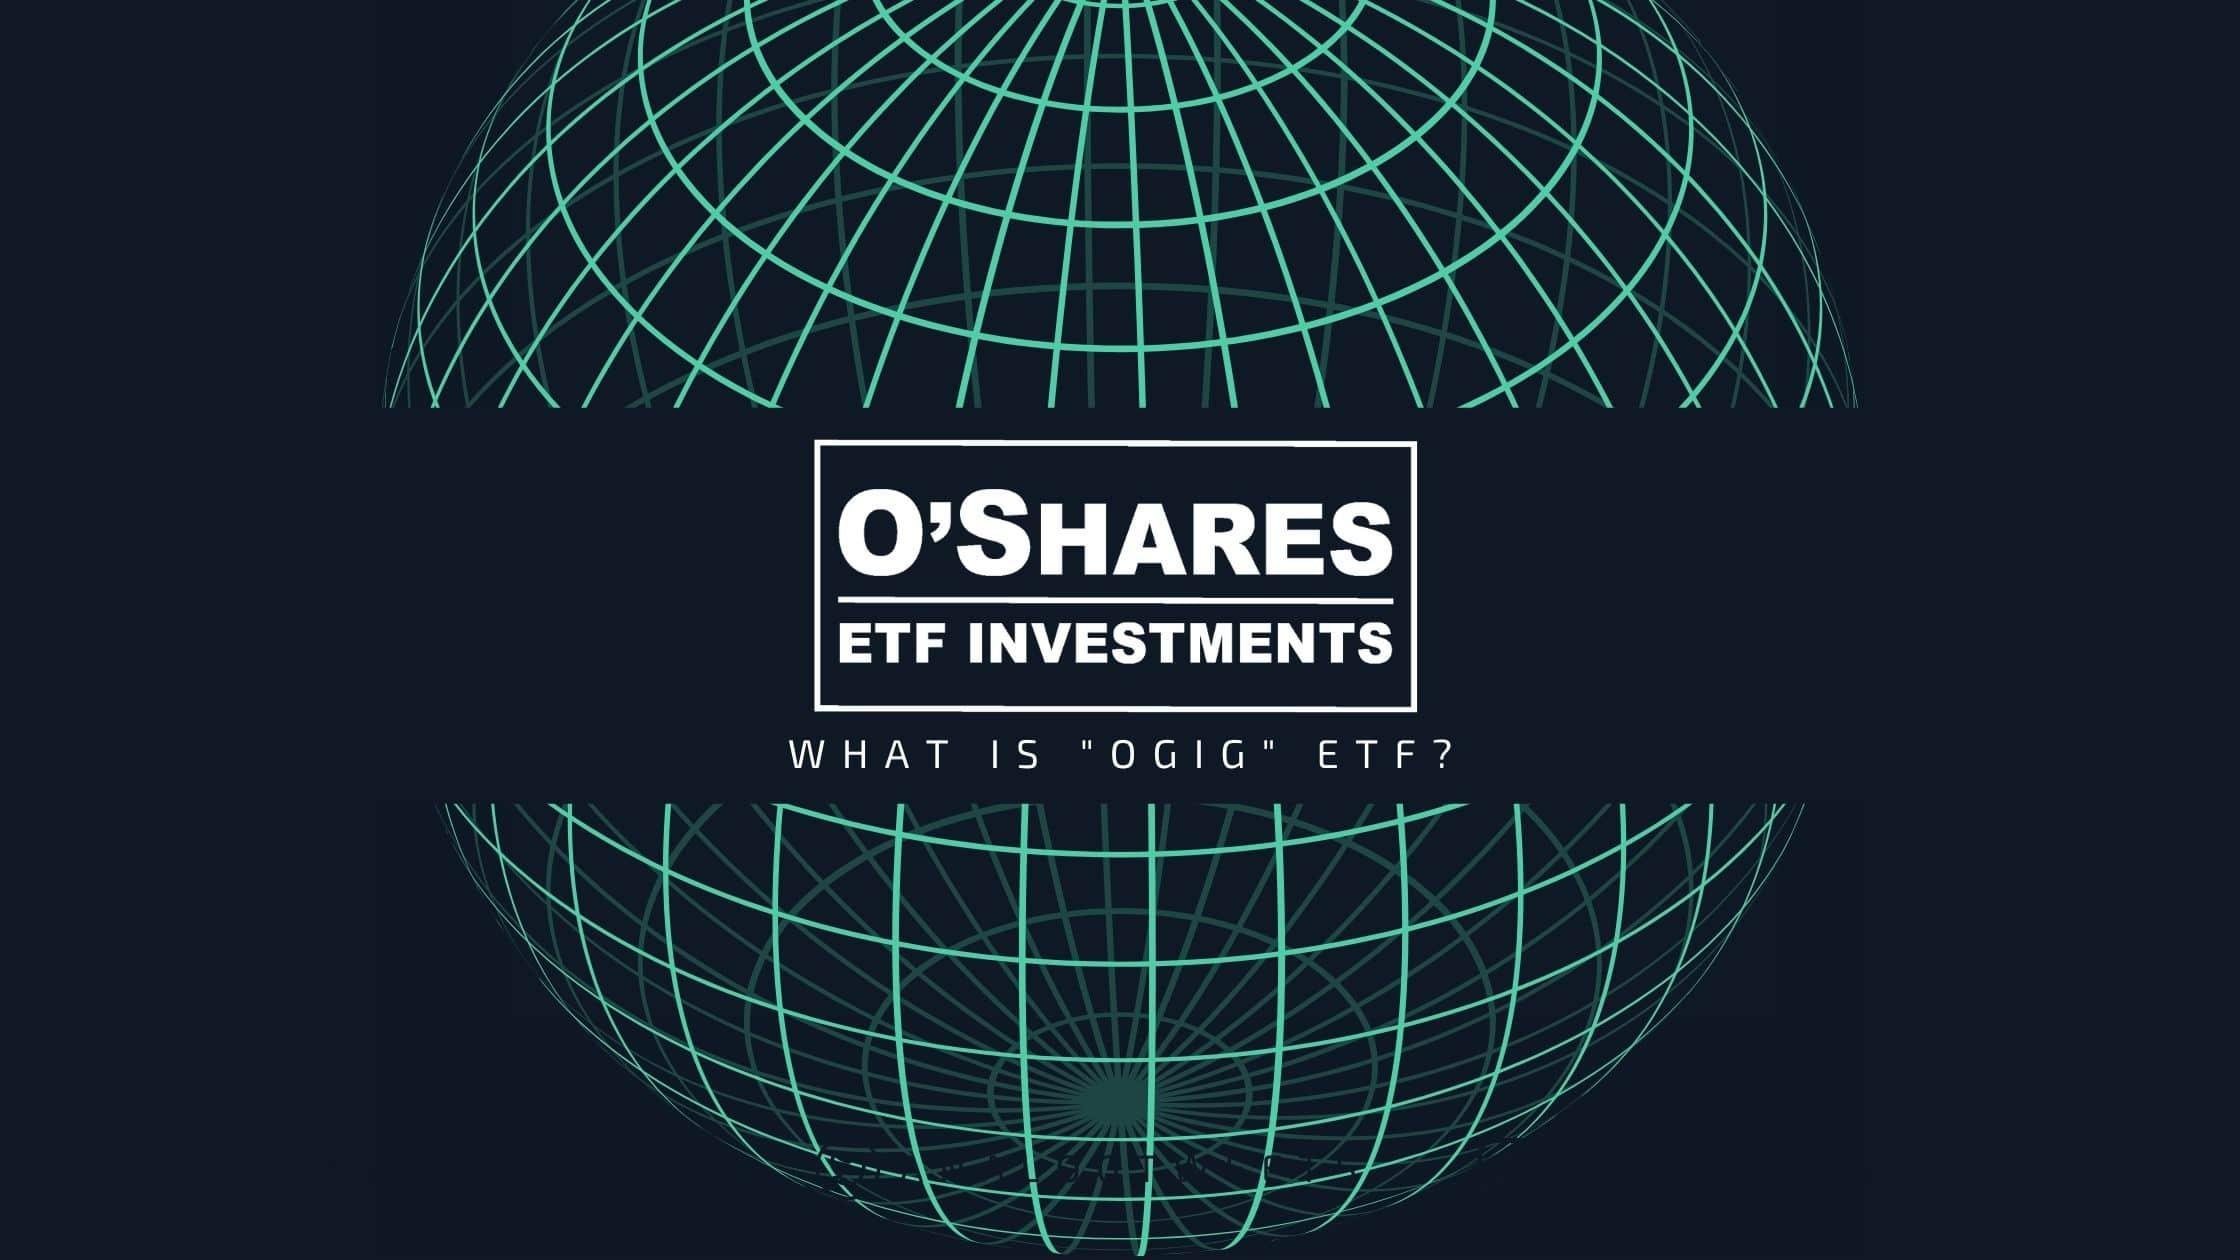 【米国株投資】O'SharesのOGIGとは?【68%成長ETF!】